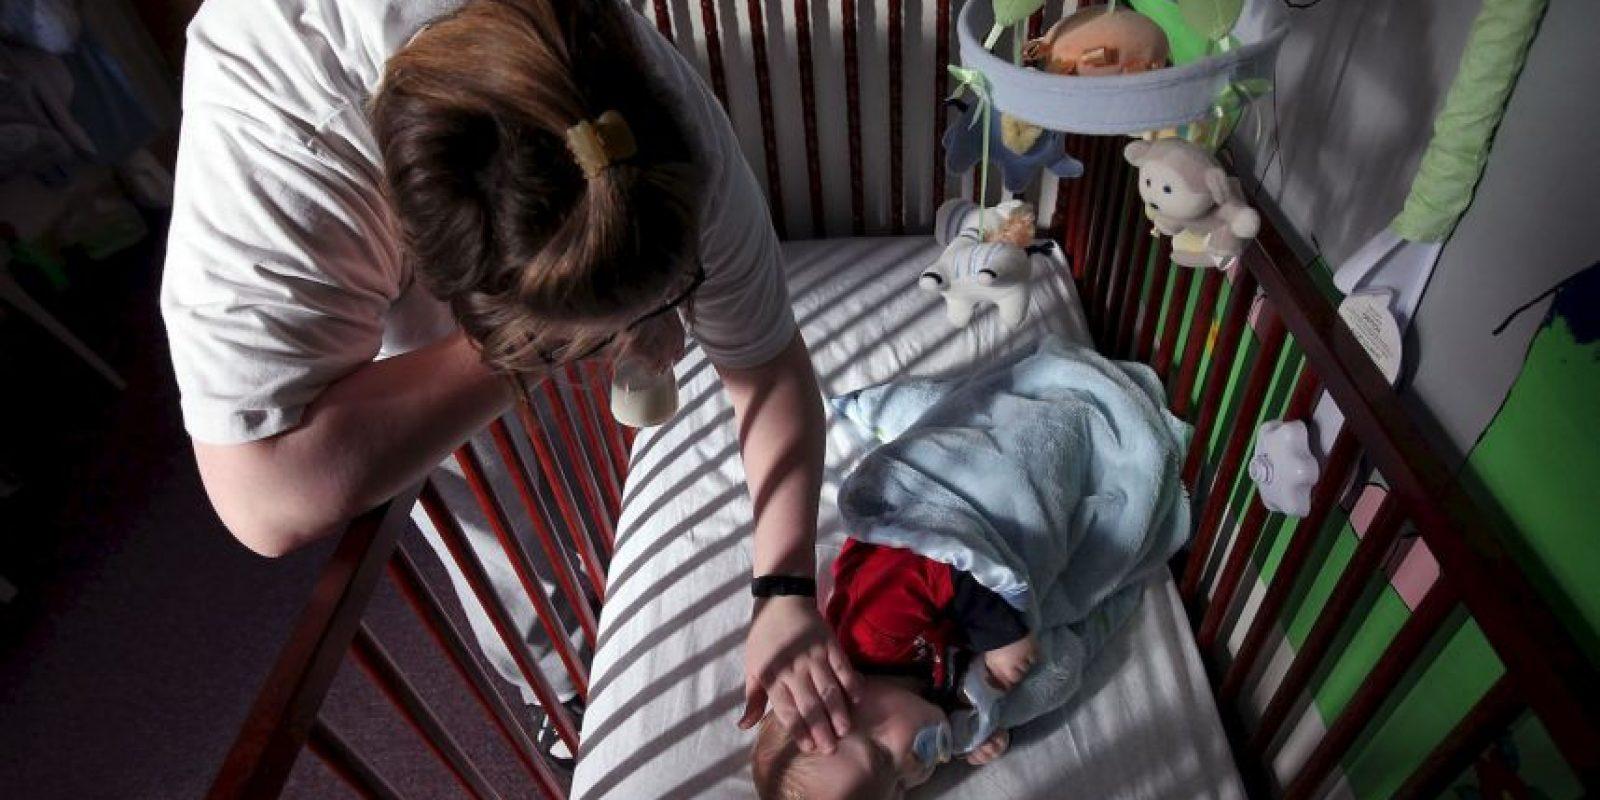 """1. Suecia cuenta con una licencia de paternidad de 480 días pagados. Dicho permiso aplica a quienes tengan hijos biológicos y a los que hayan adoptado. Según detalló el periódico argentino """"El Clarín"""", cada padre puede tomar dos meses y el resto del tiempo se lo dividen entre los dos. Foto:Getty Images"""